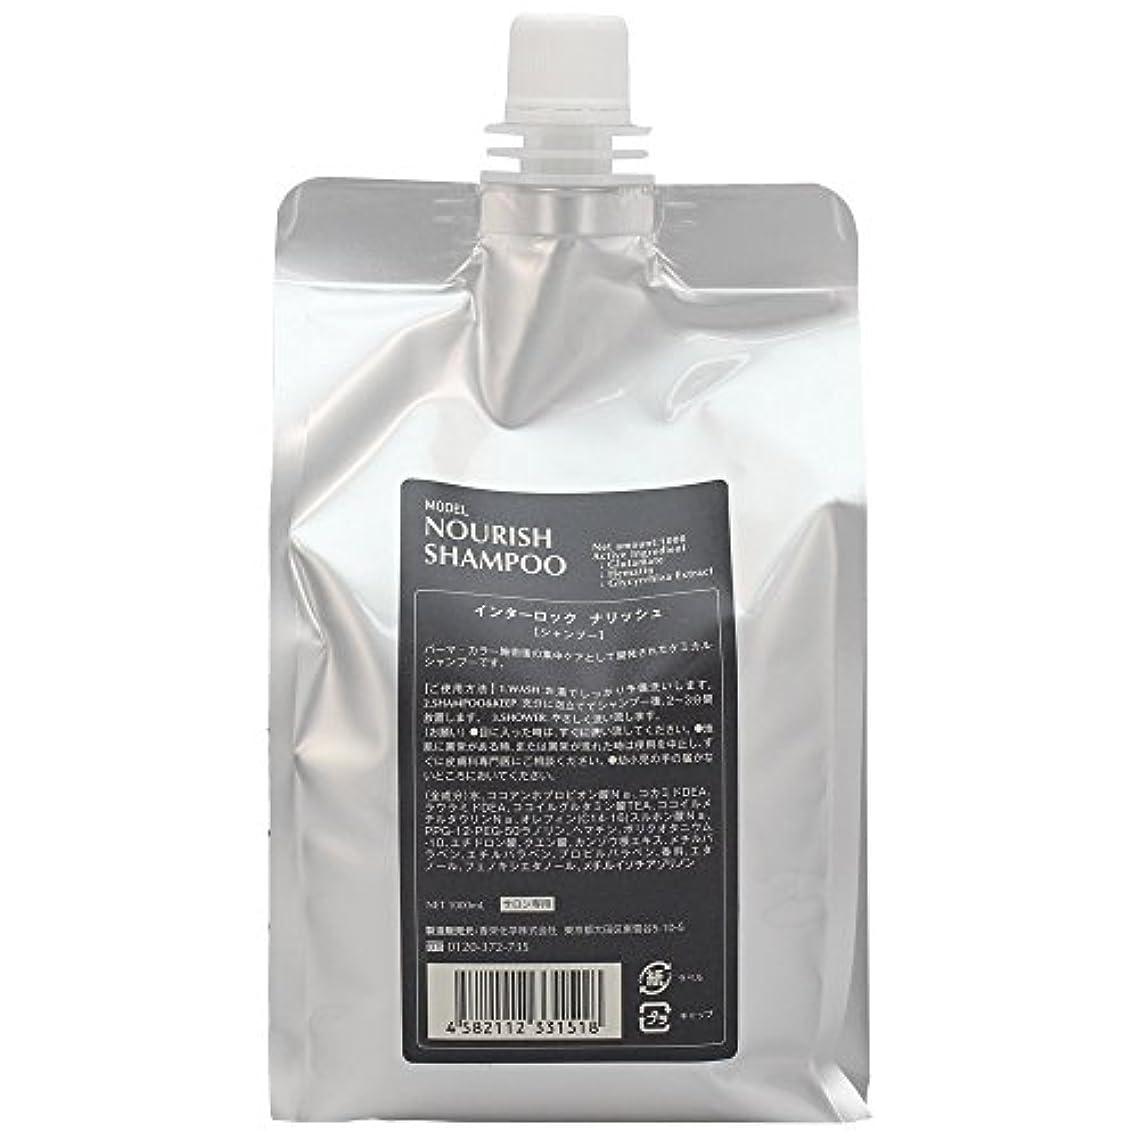 換気忠実に分類する香栄化学 ナリッシュシャンプー レフィル 1000ml